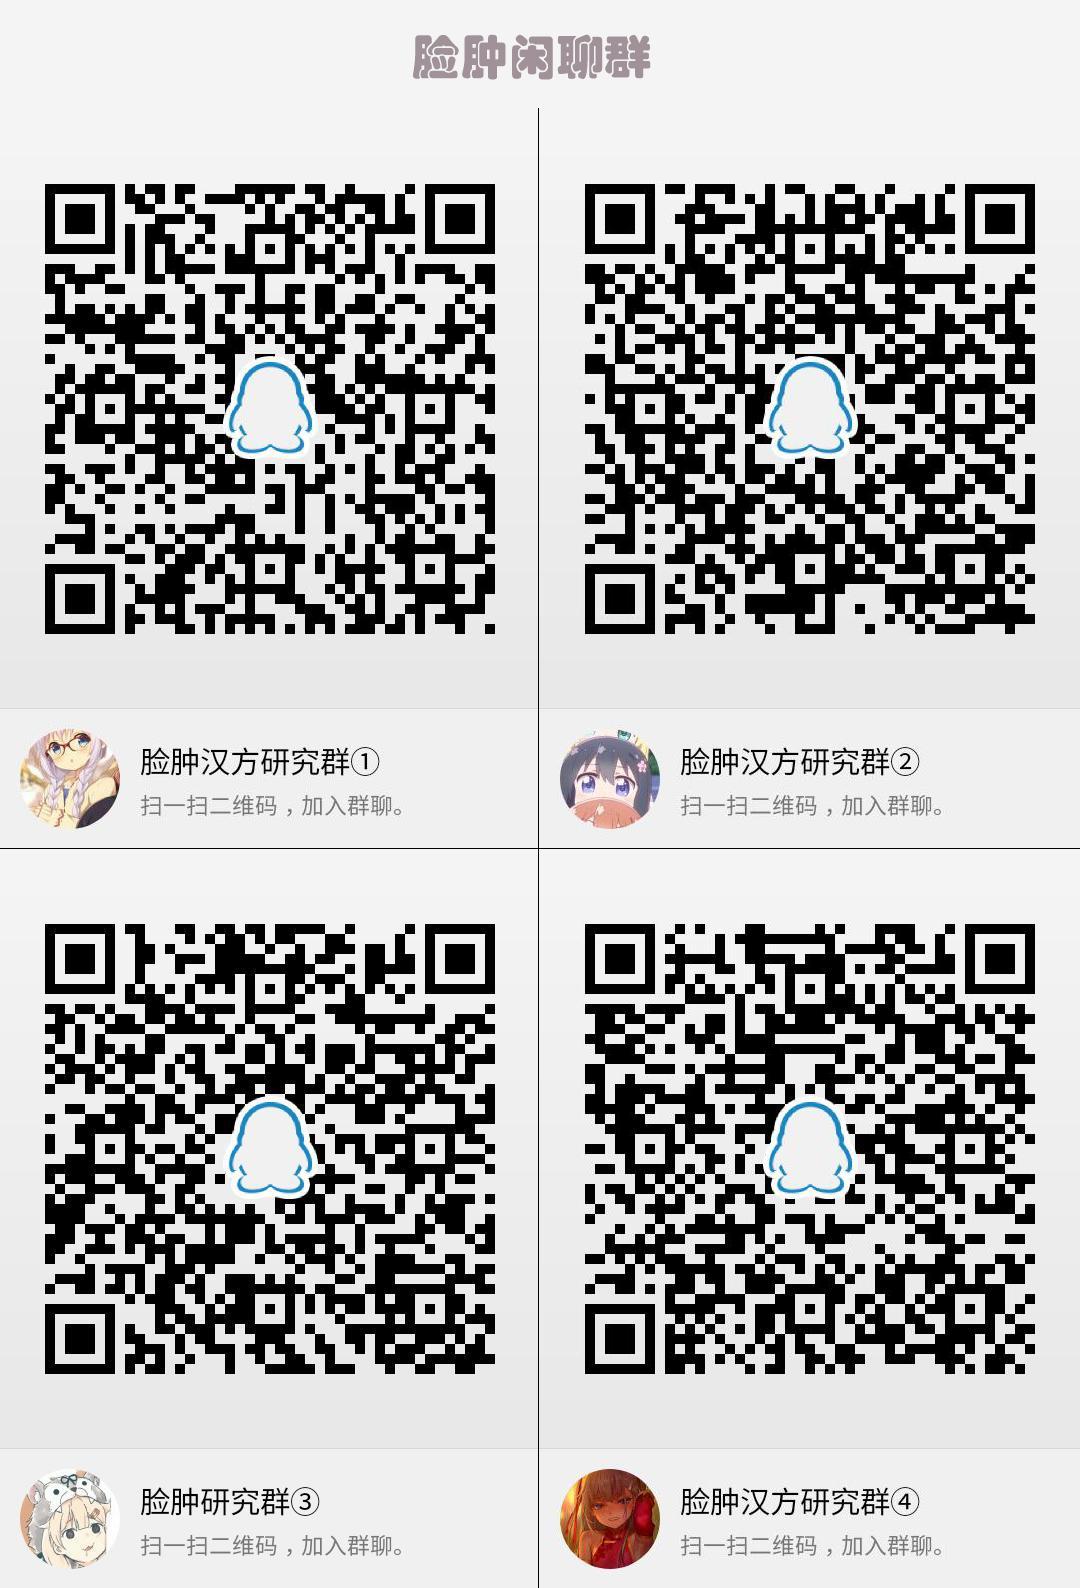 KANAKAN Migawari Kanan-chan FunbaRuby! 40